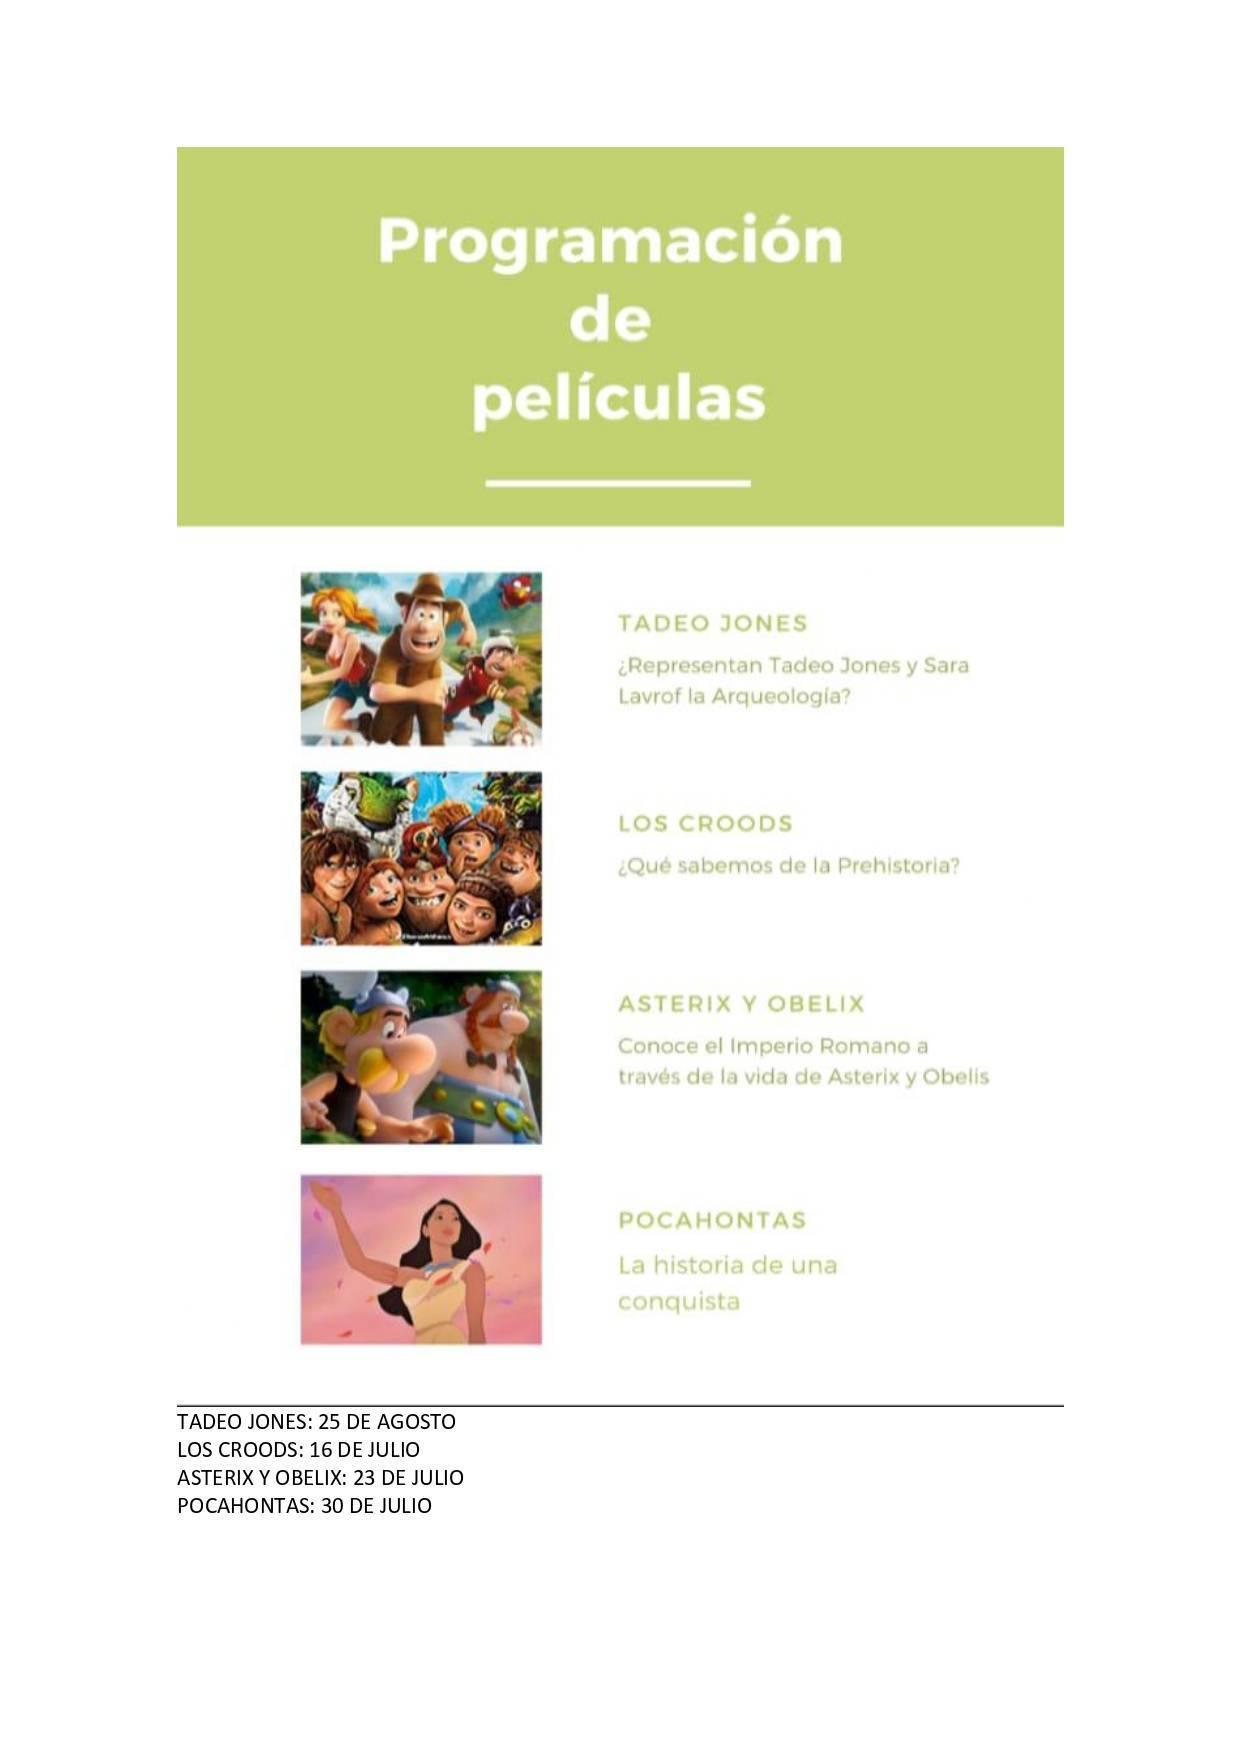 Cine de verano 2020 - Jerez de la Frontera (Cádiz) 2